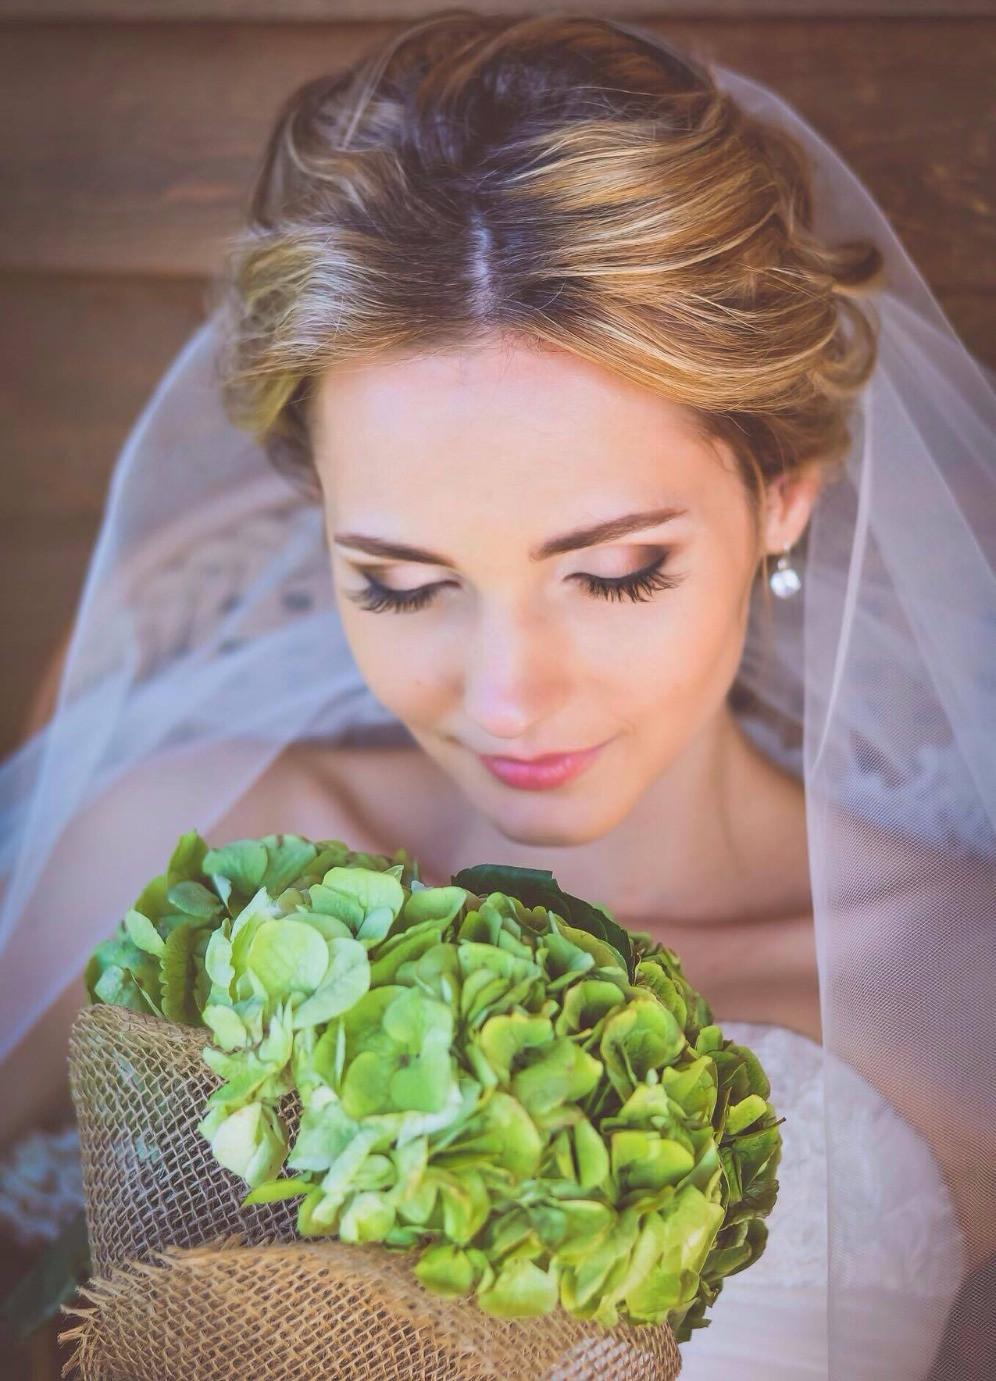 Образ невесты, свадебный макияж и свадебная прическа - одна из самых главных составляющих успеха свадебного дня. Ведь именно от того, на сколько невеста довольна своим внешним видом, зависит настроение невесты и успех всей свадьбы